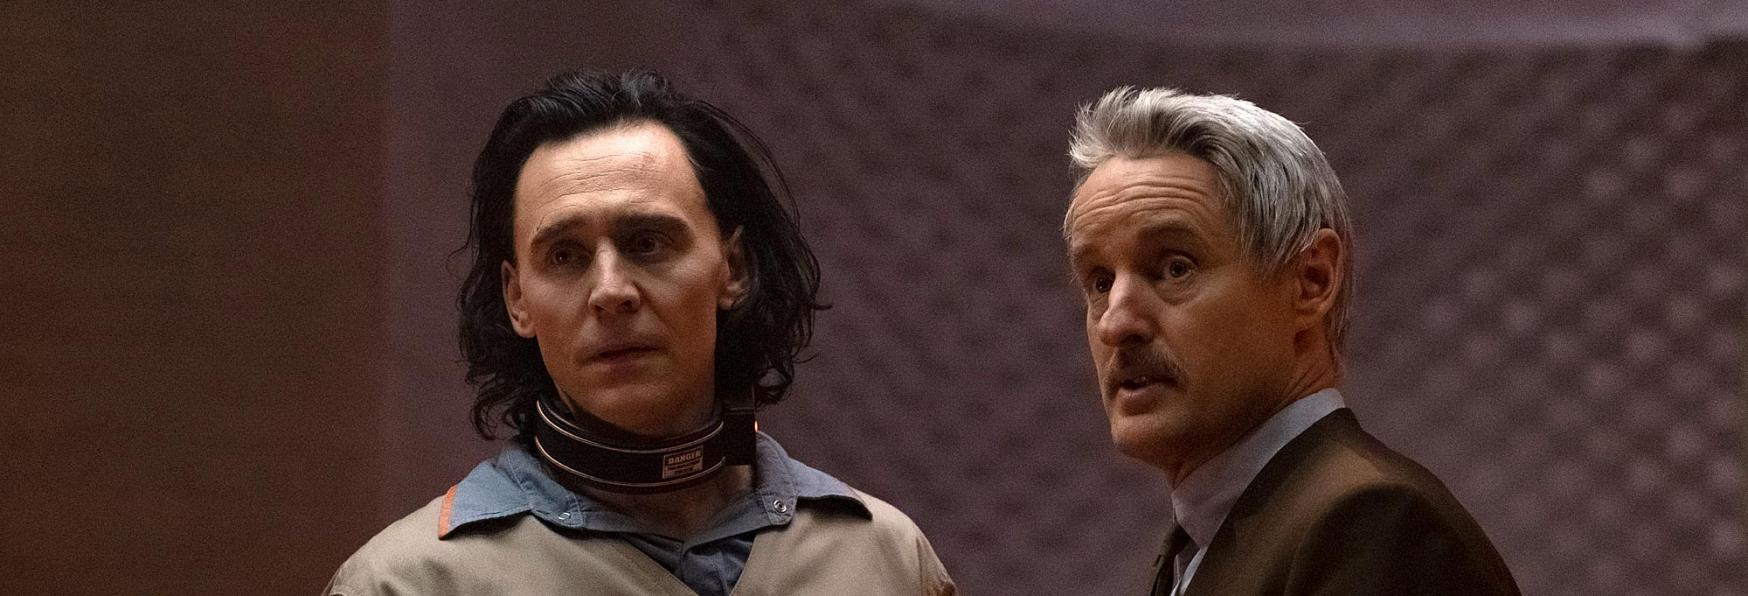 Loki: il Divertente Tributo di Simu Liu al Personaggio di Owen Wilson, Mobius M. Mobius